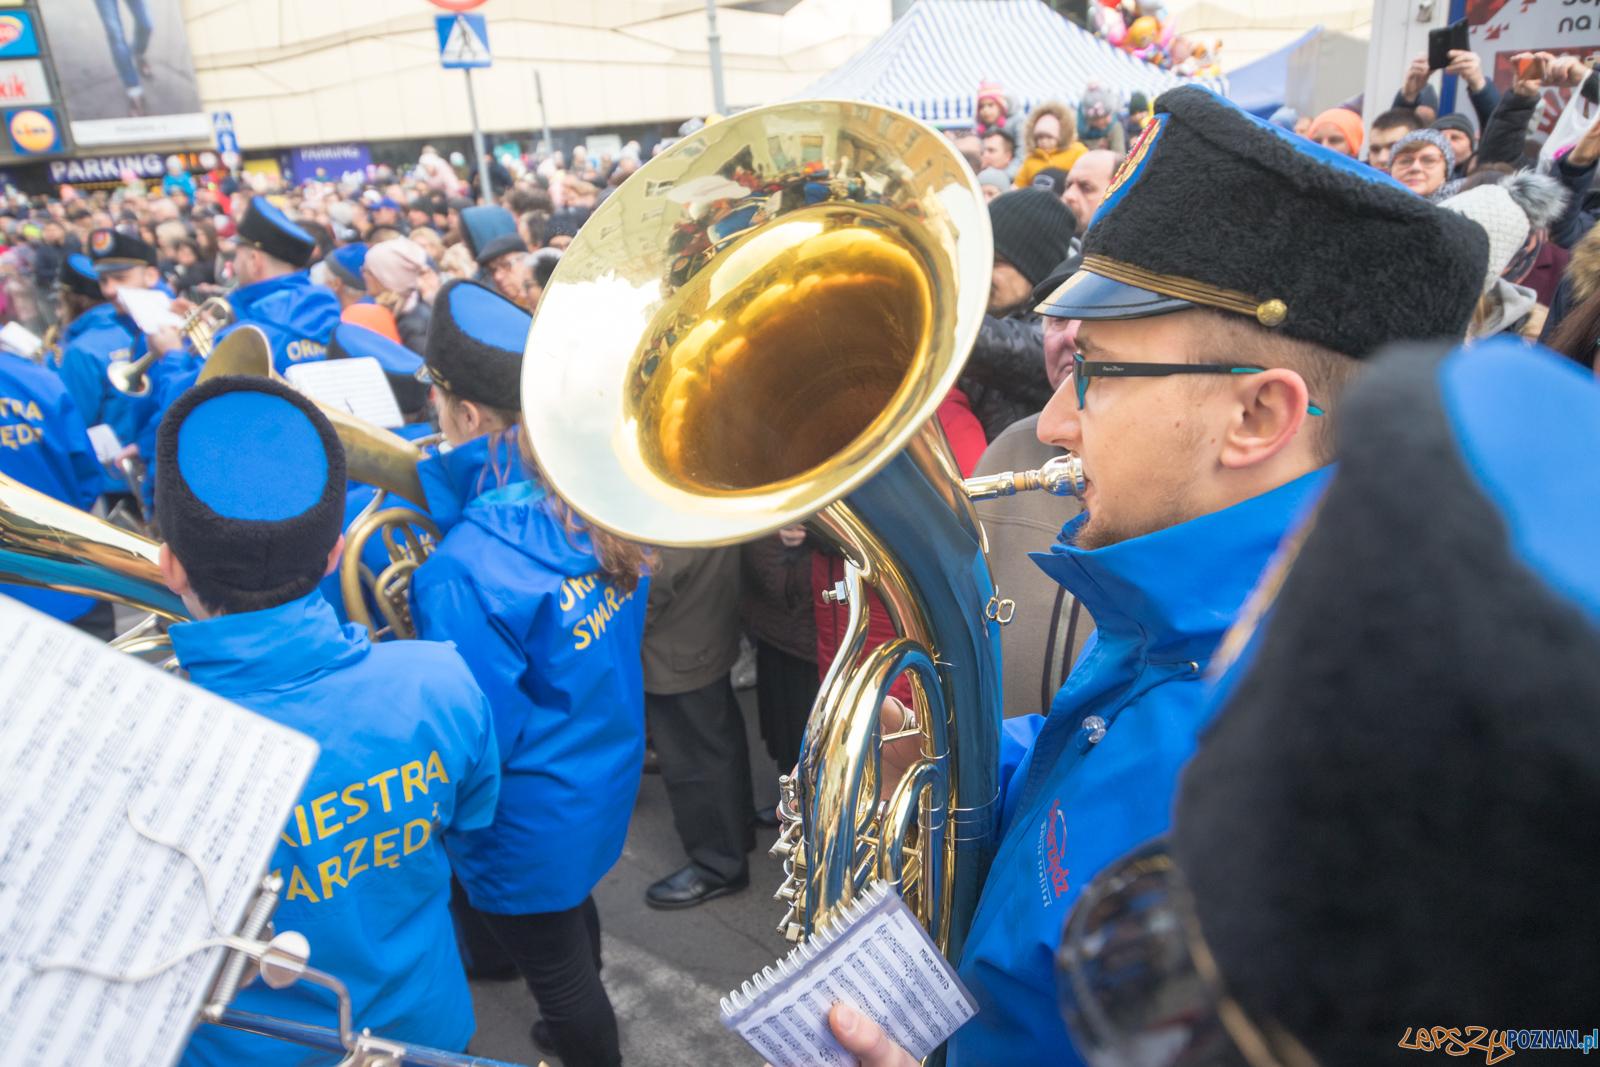 Korowód świętego Marcina  Foto: lepszyPOZNAN.pl/Piotr Rychter